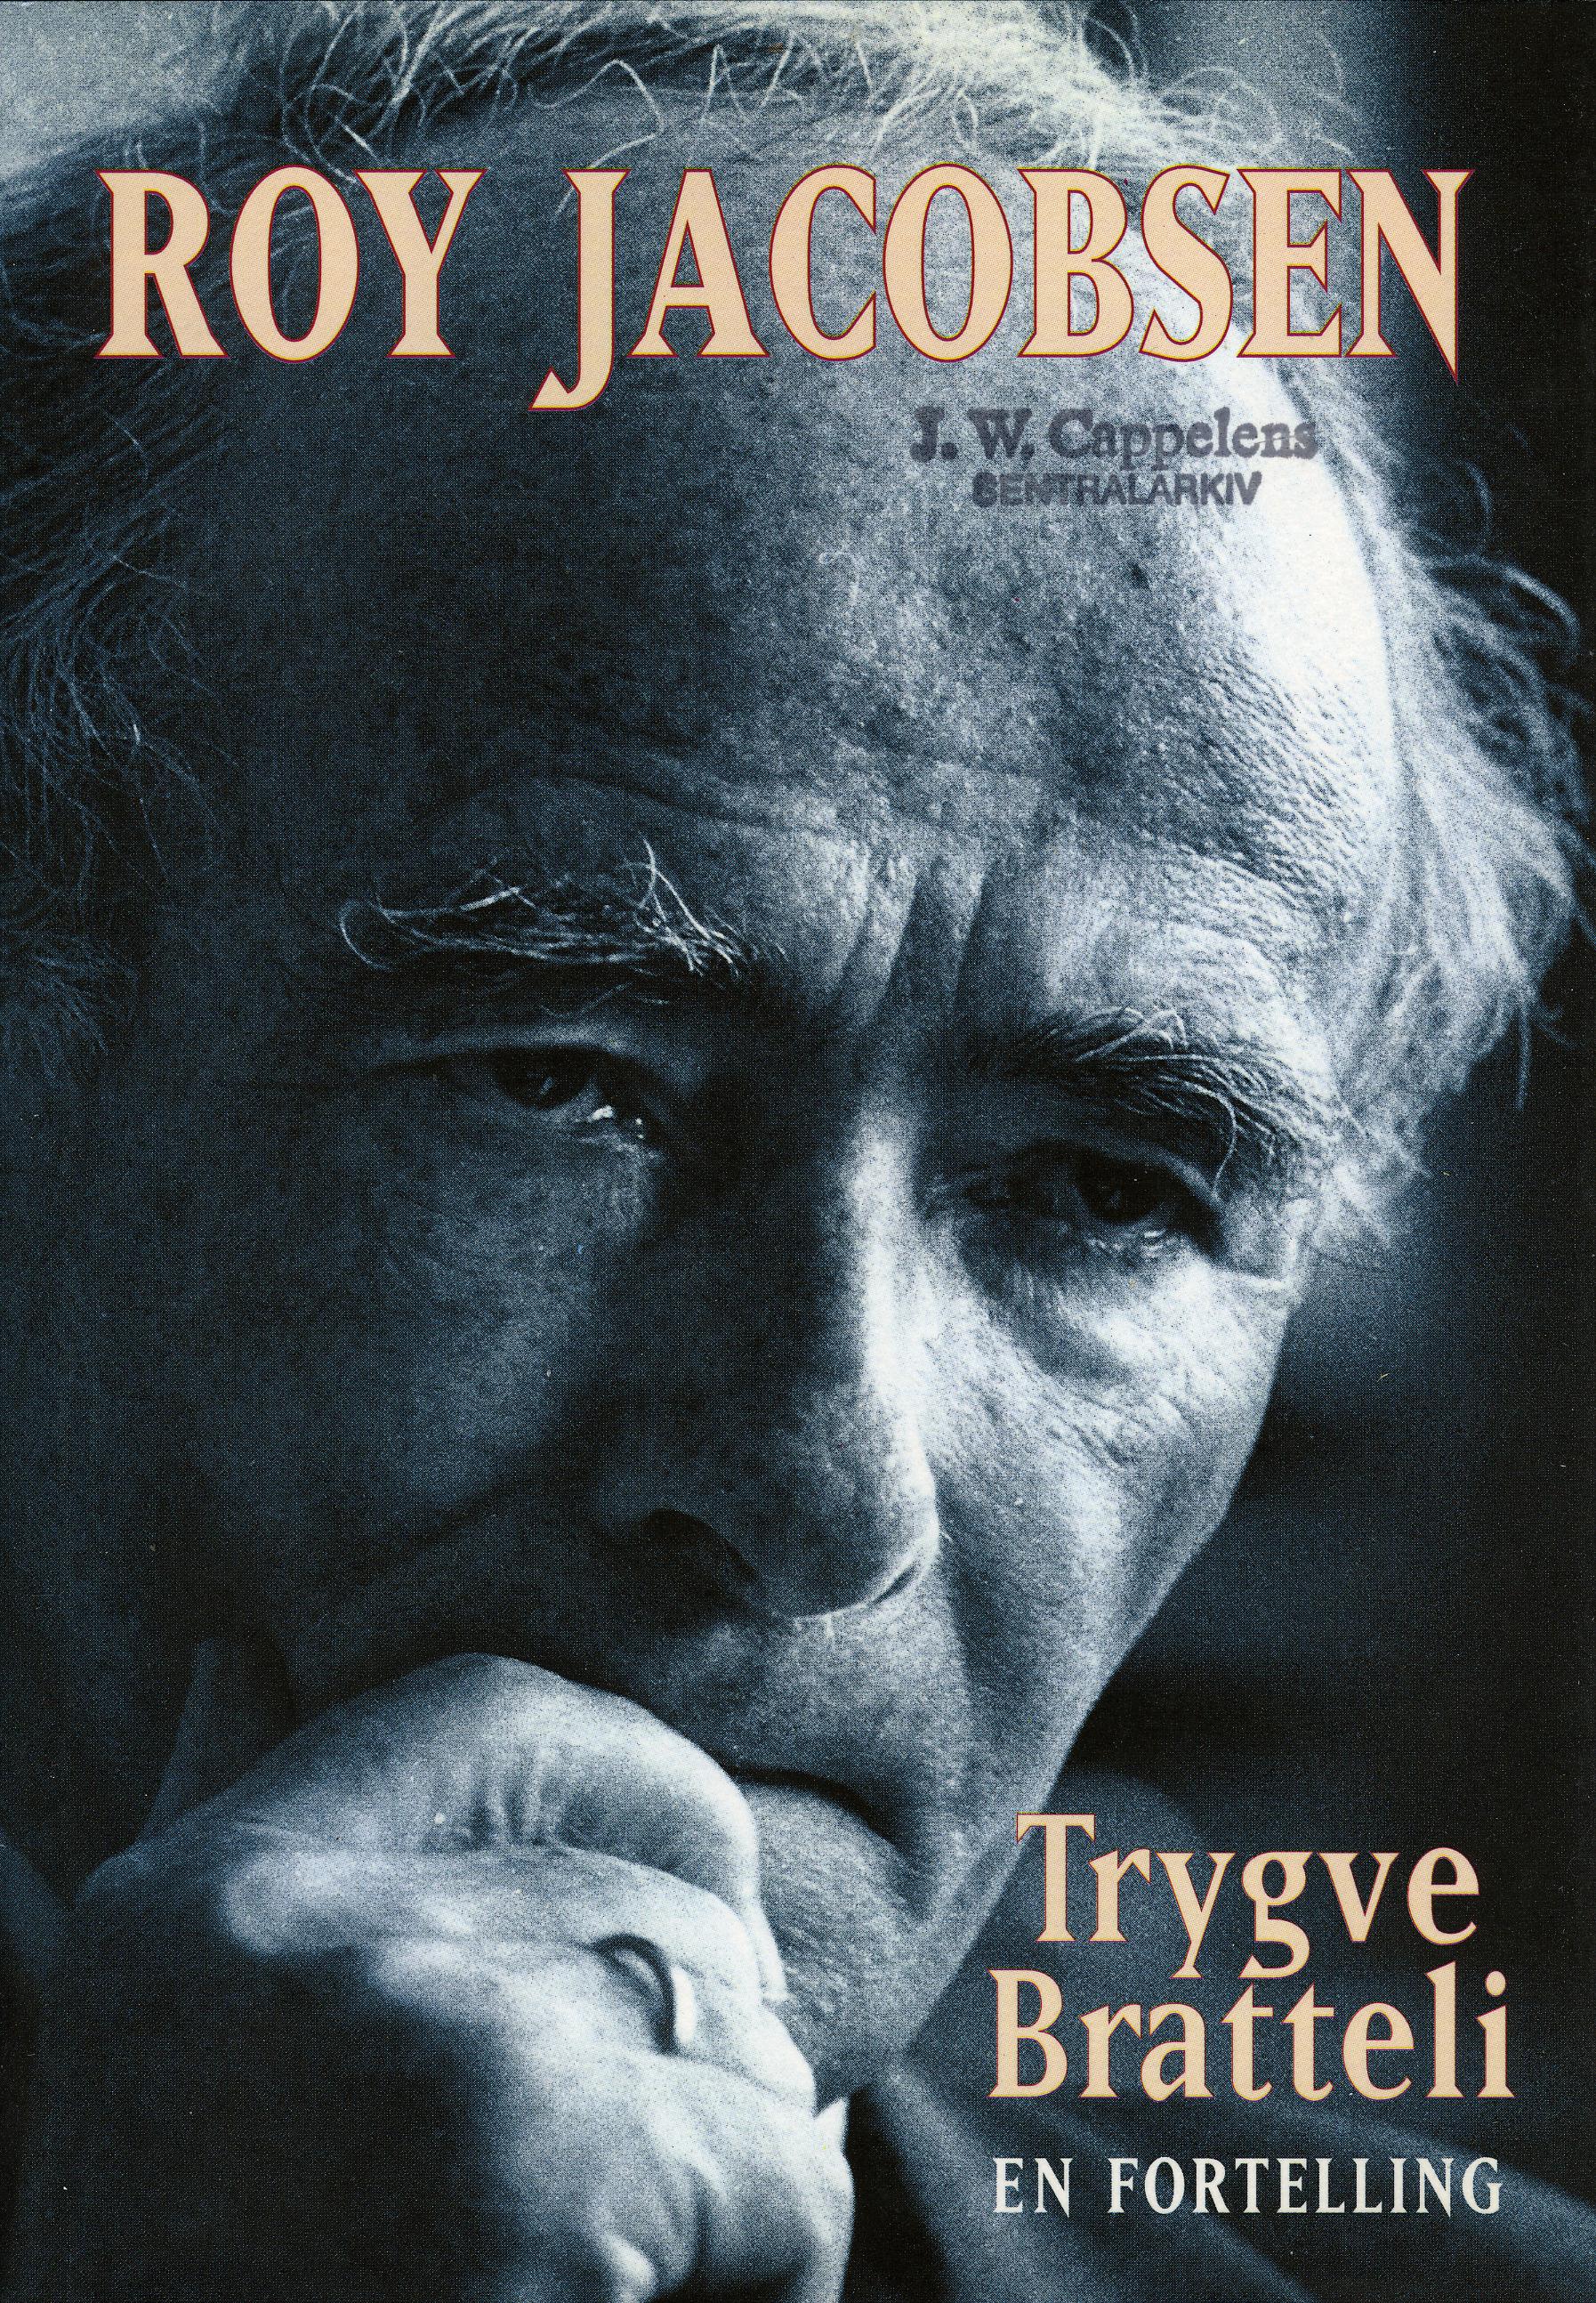 Roy Jacobsen: Trygve Bratteli - En fortelling